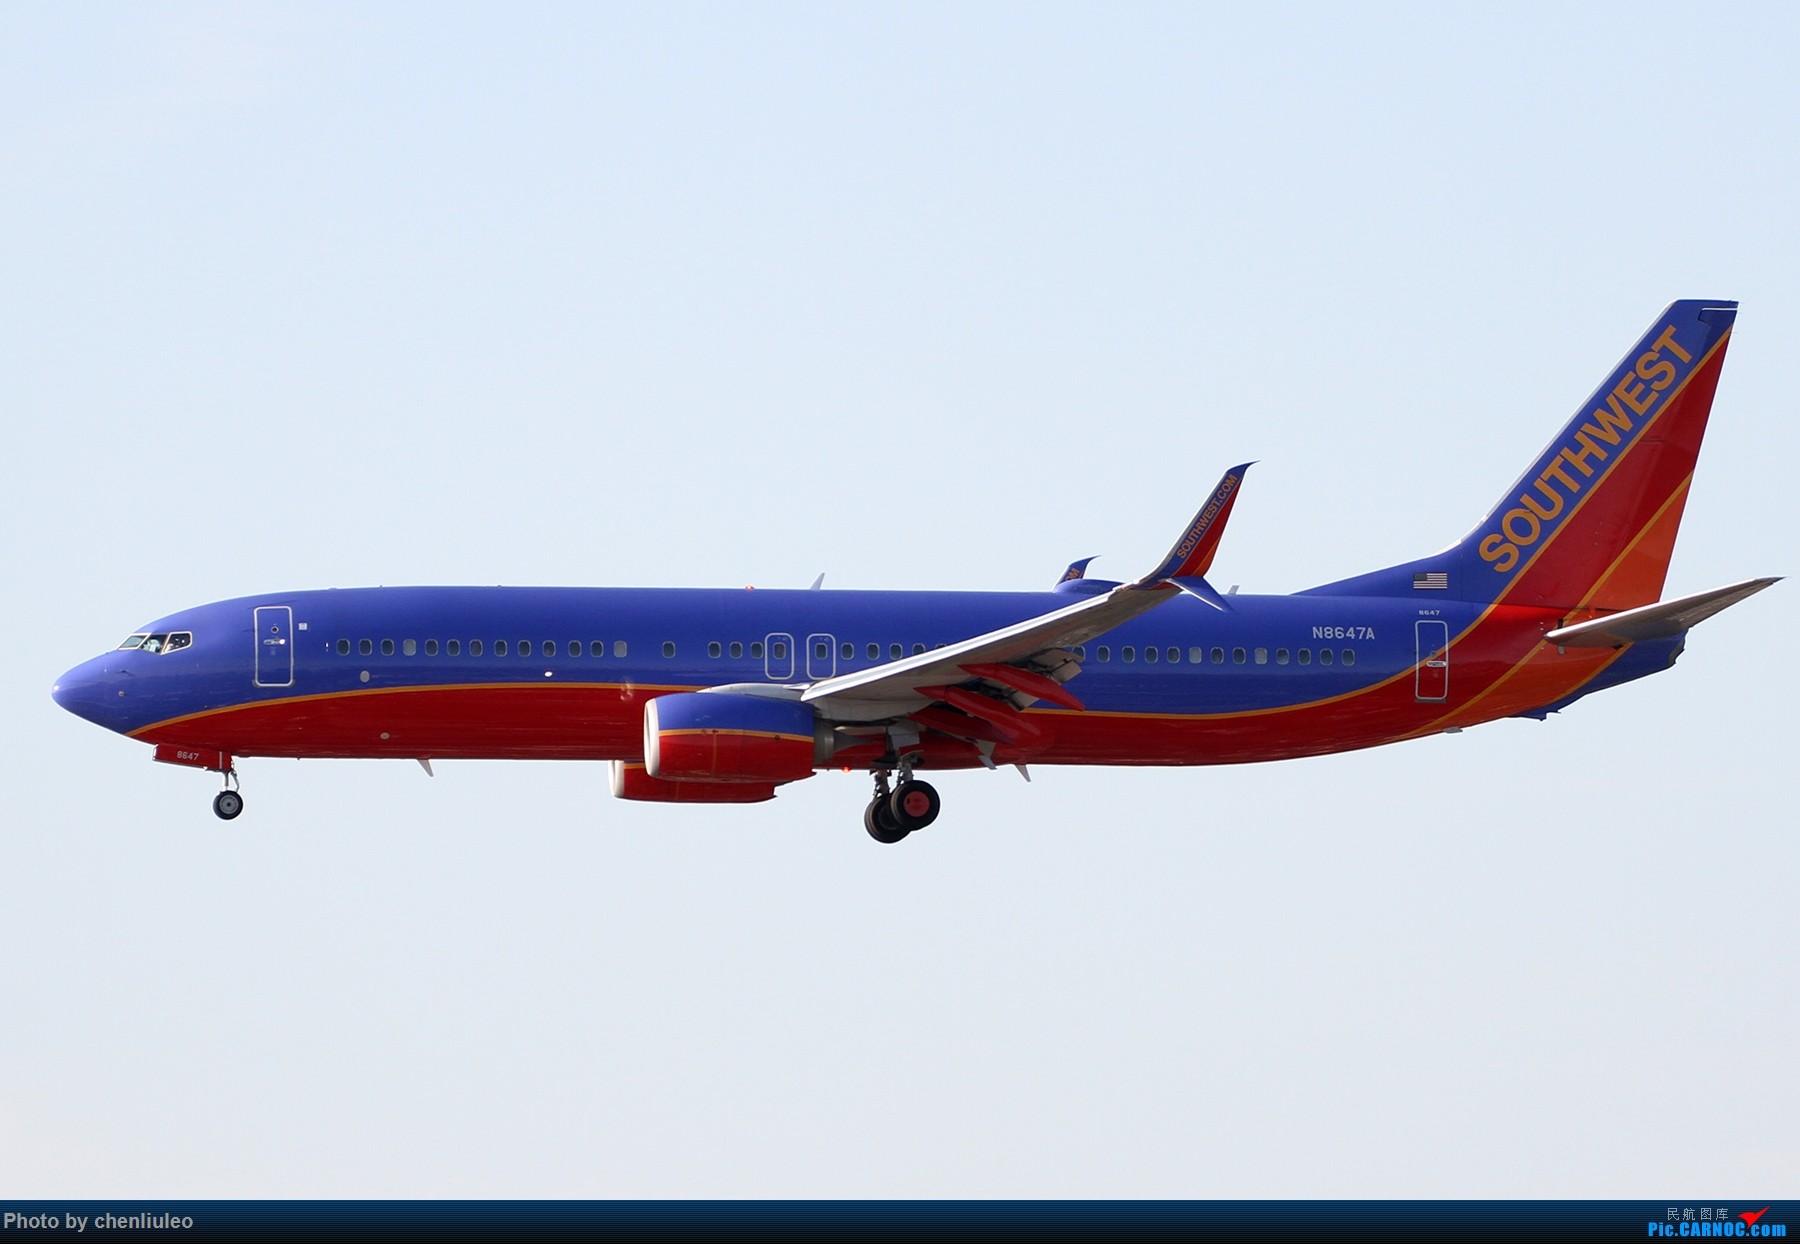 Re:[原创]【北美飞友会】洛杉矶世界机场黄昏随拍 BOEING 737-800 N8647A 美国洛杉矶机场